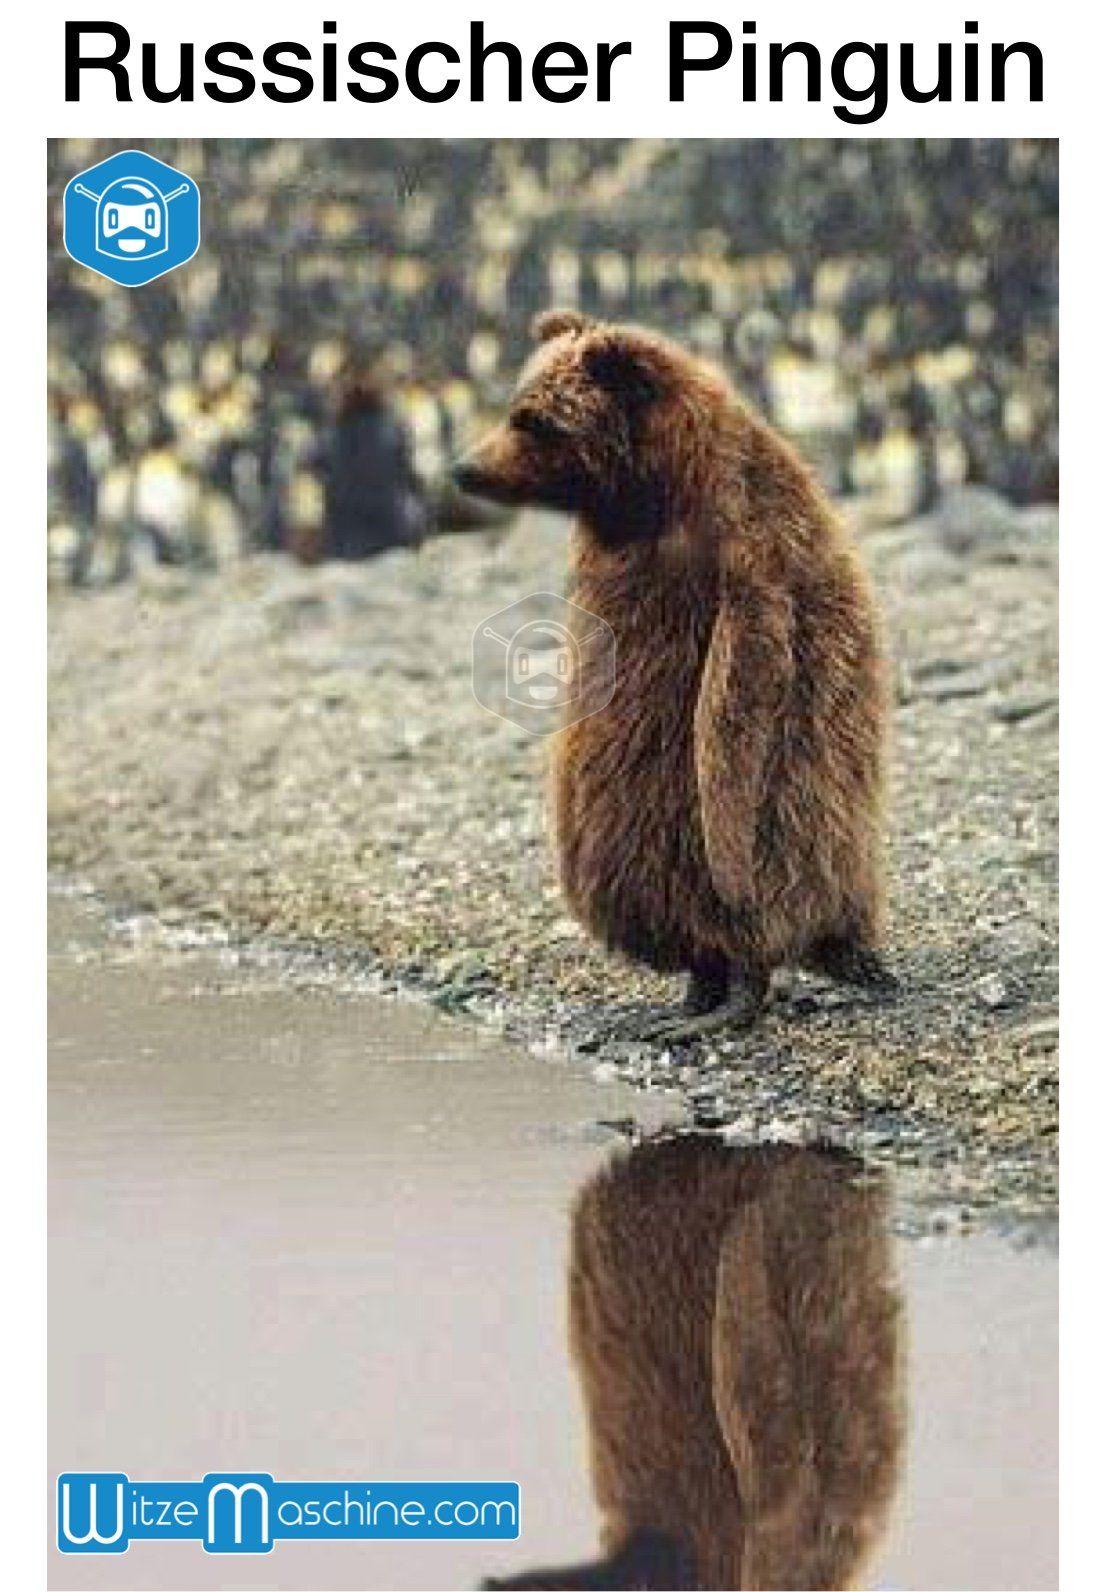 Russischer Pinguin Bär Russenwitze Funny Russian Fail